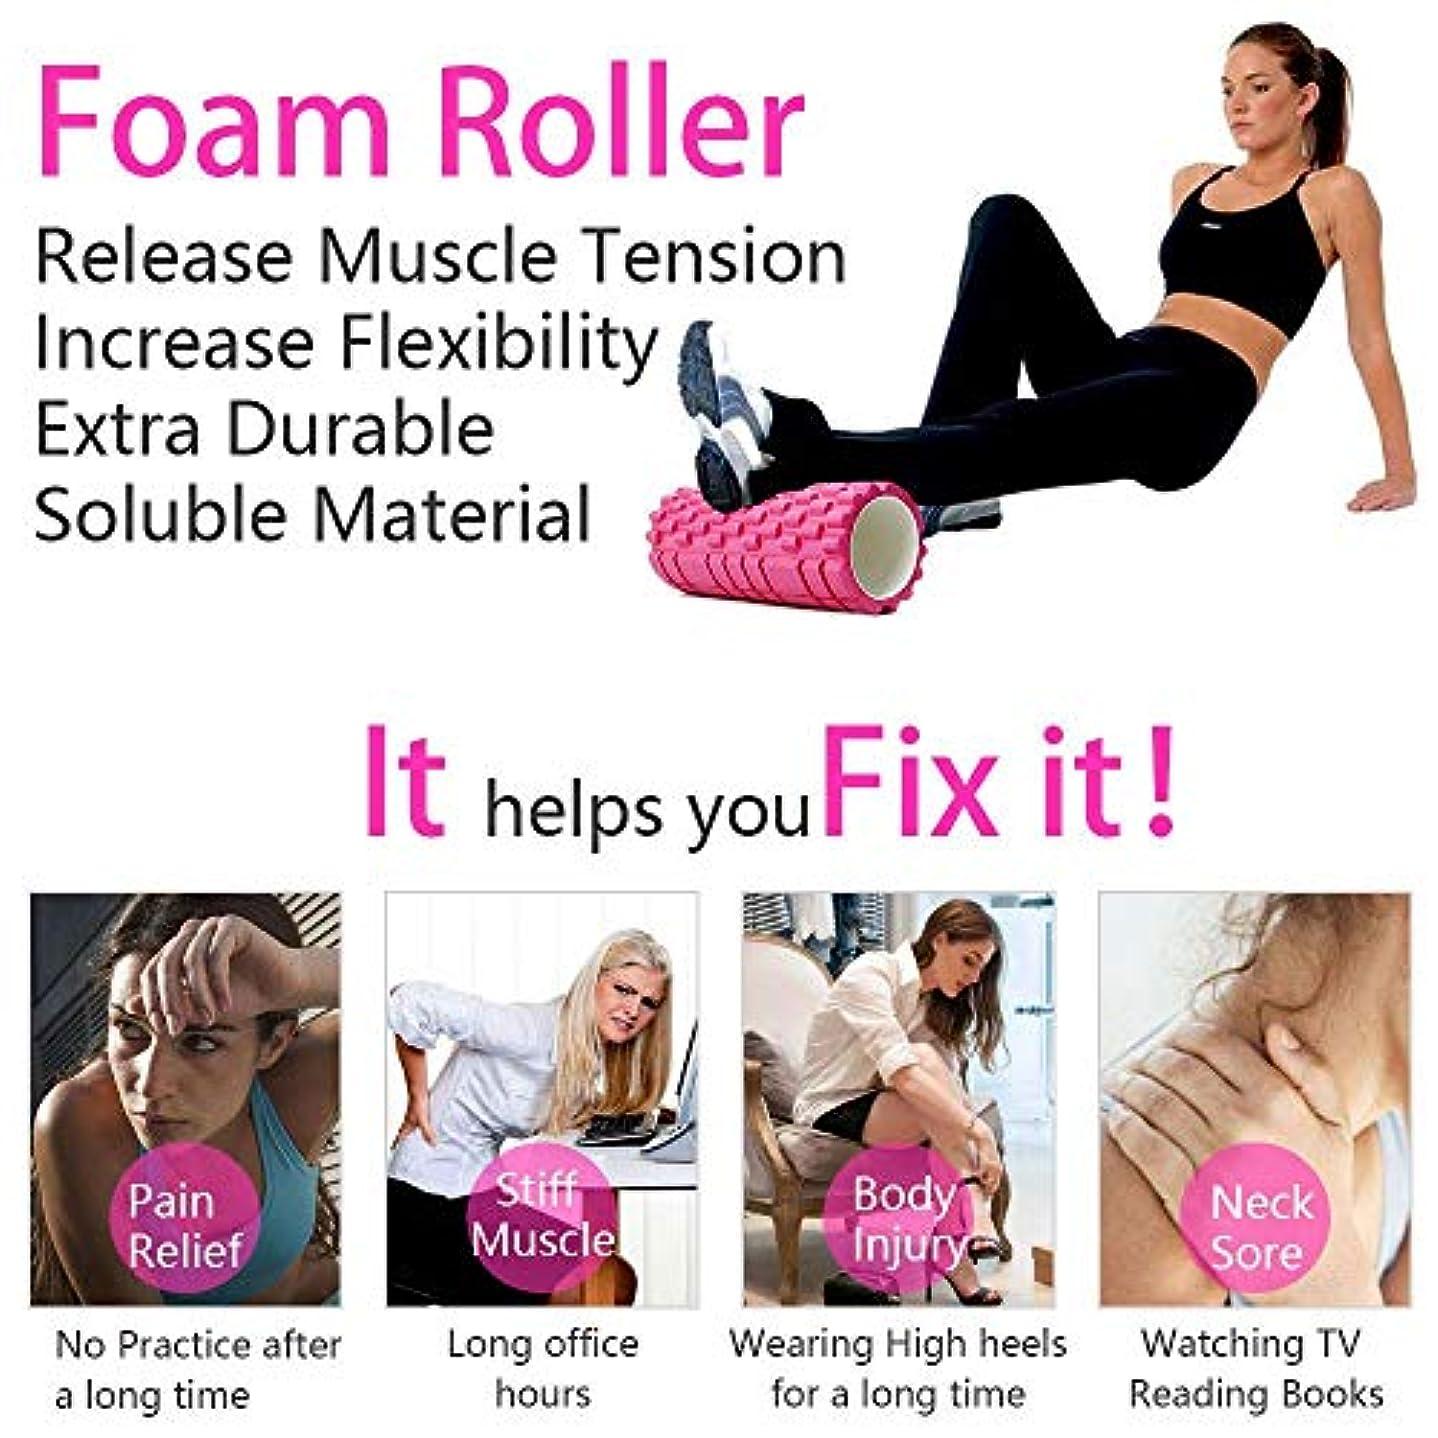 フィットネス倒錯チャットヨガコラム フィットネス フォーム ヨガピラティス ローラー ブロックトレーニングジムマッサージグリッドトリガーポイントセラピー(Color : ピンク)Yoga column fitness form yoga pilates roller block training gym massage grid trigger point therapy (Pink)